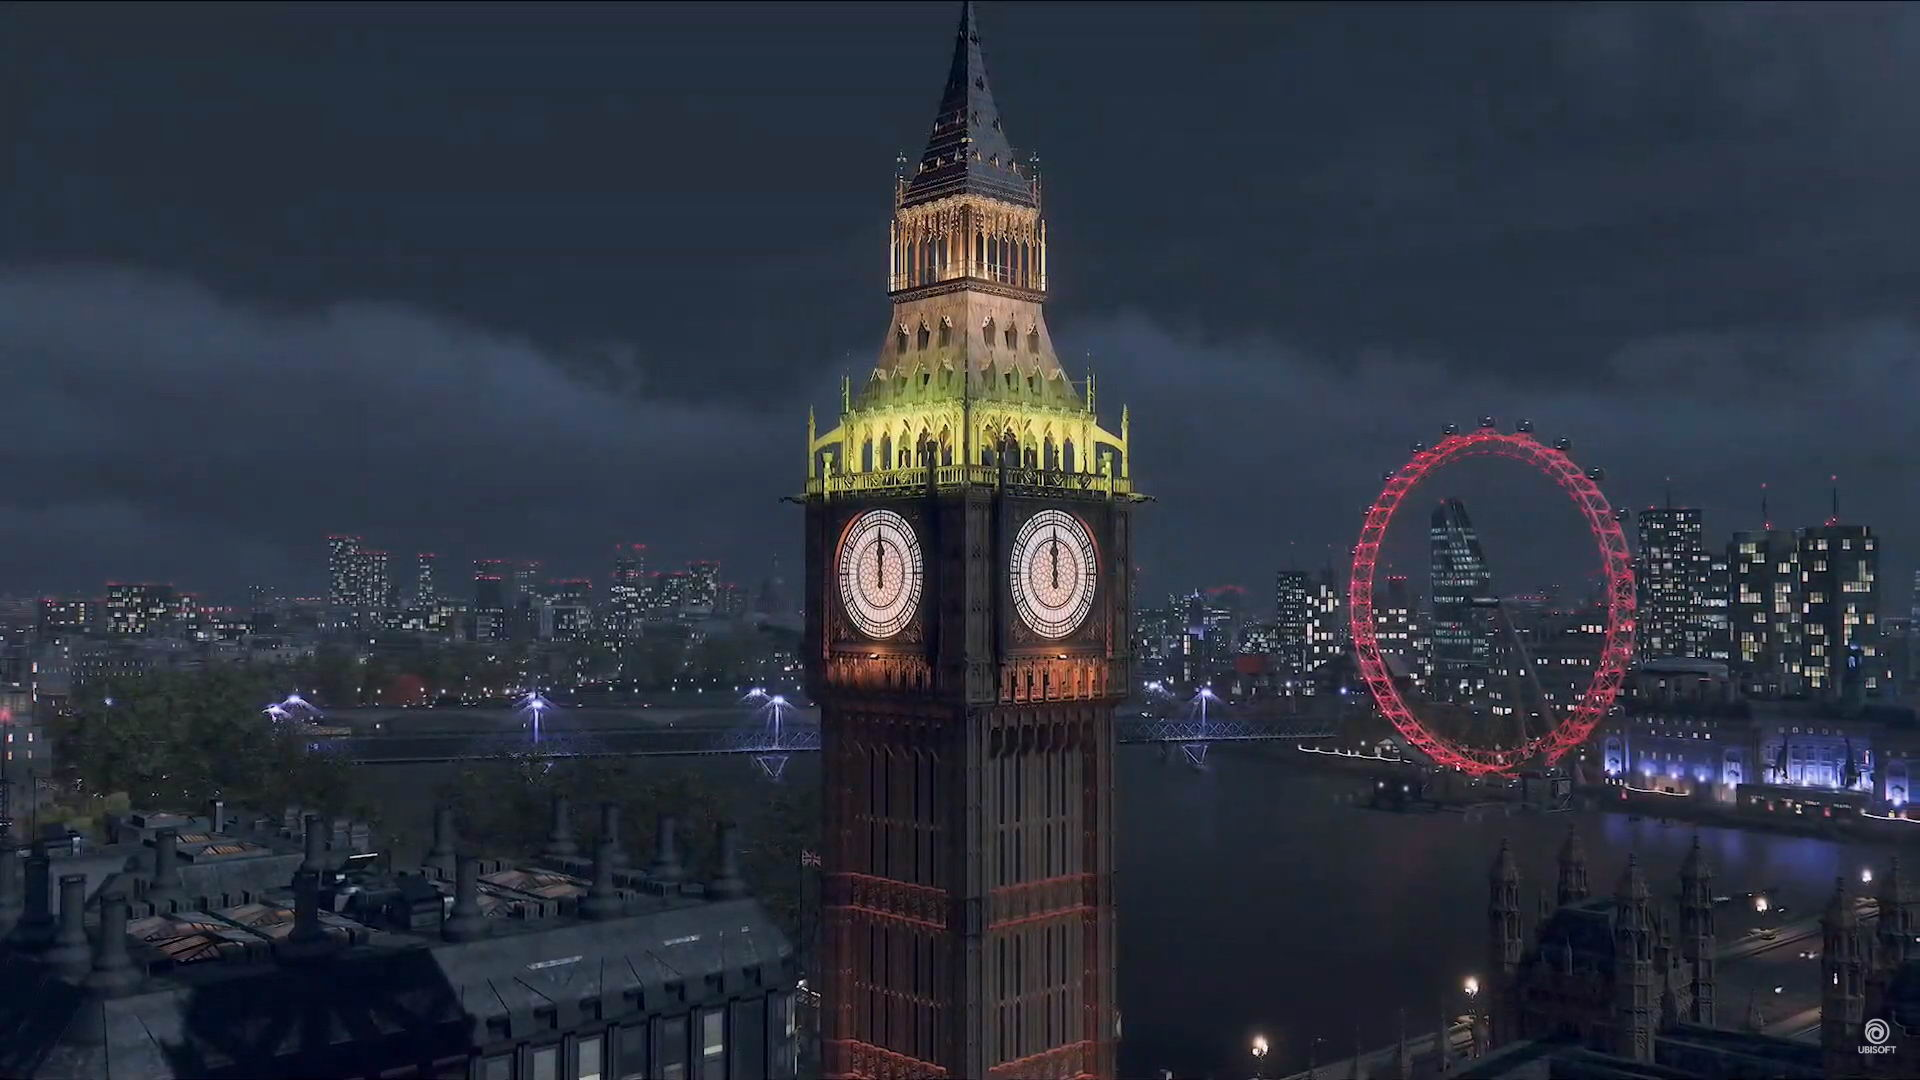 《看门狗:军团》伦敦地图究竟有多大?地图尺寸惊人